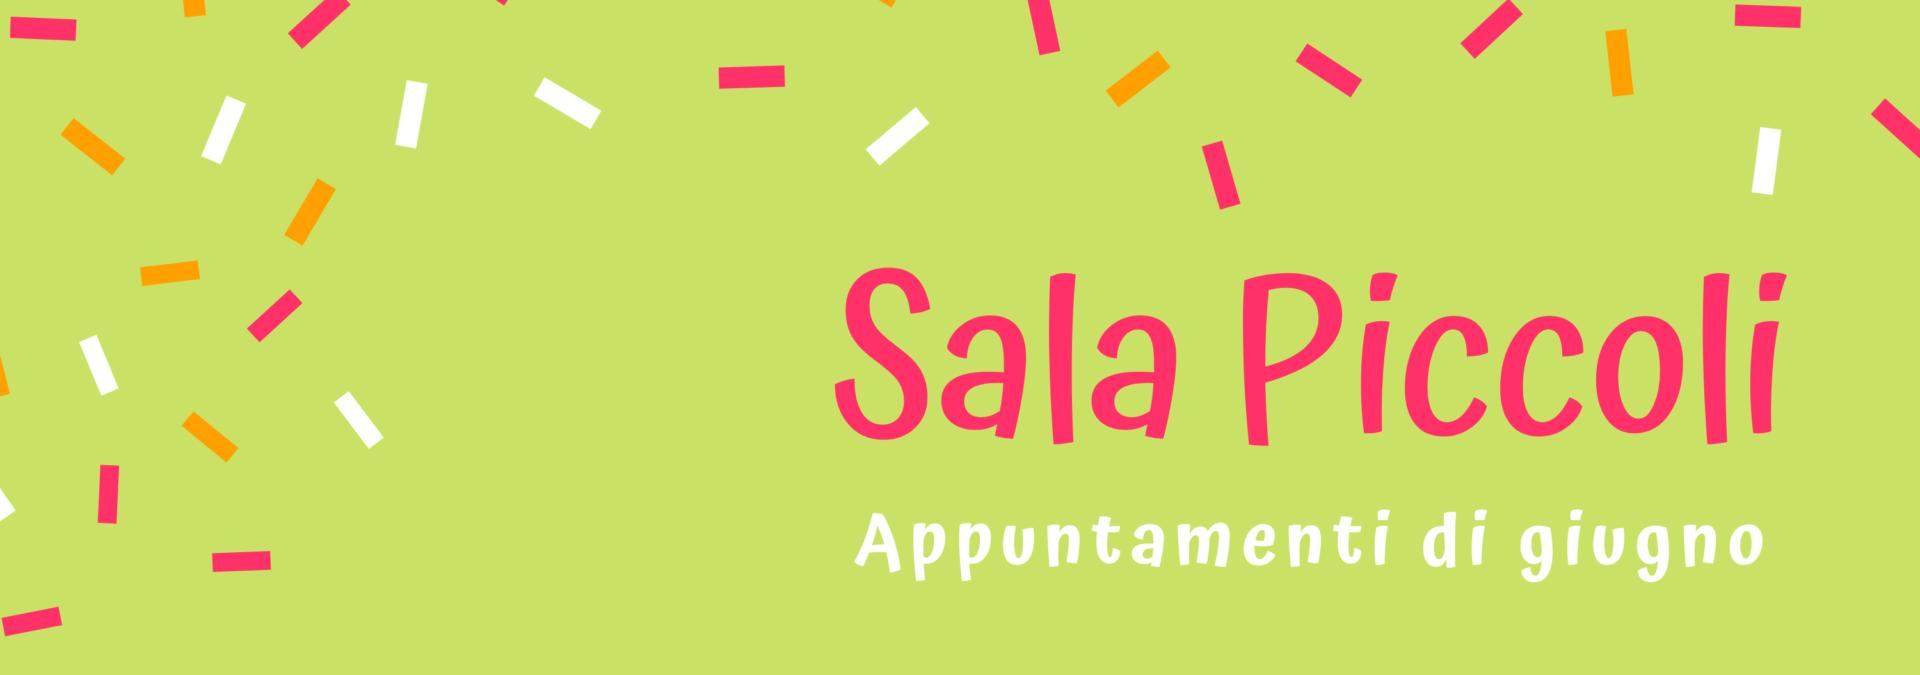 Appuntamenti di giugno in Sala Piccoli